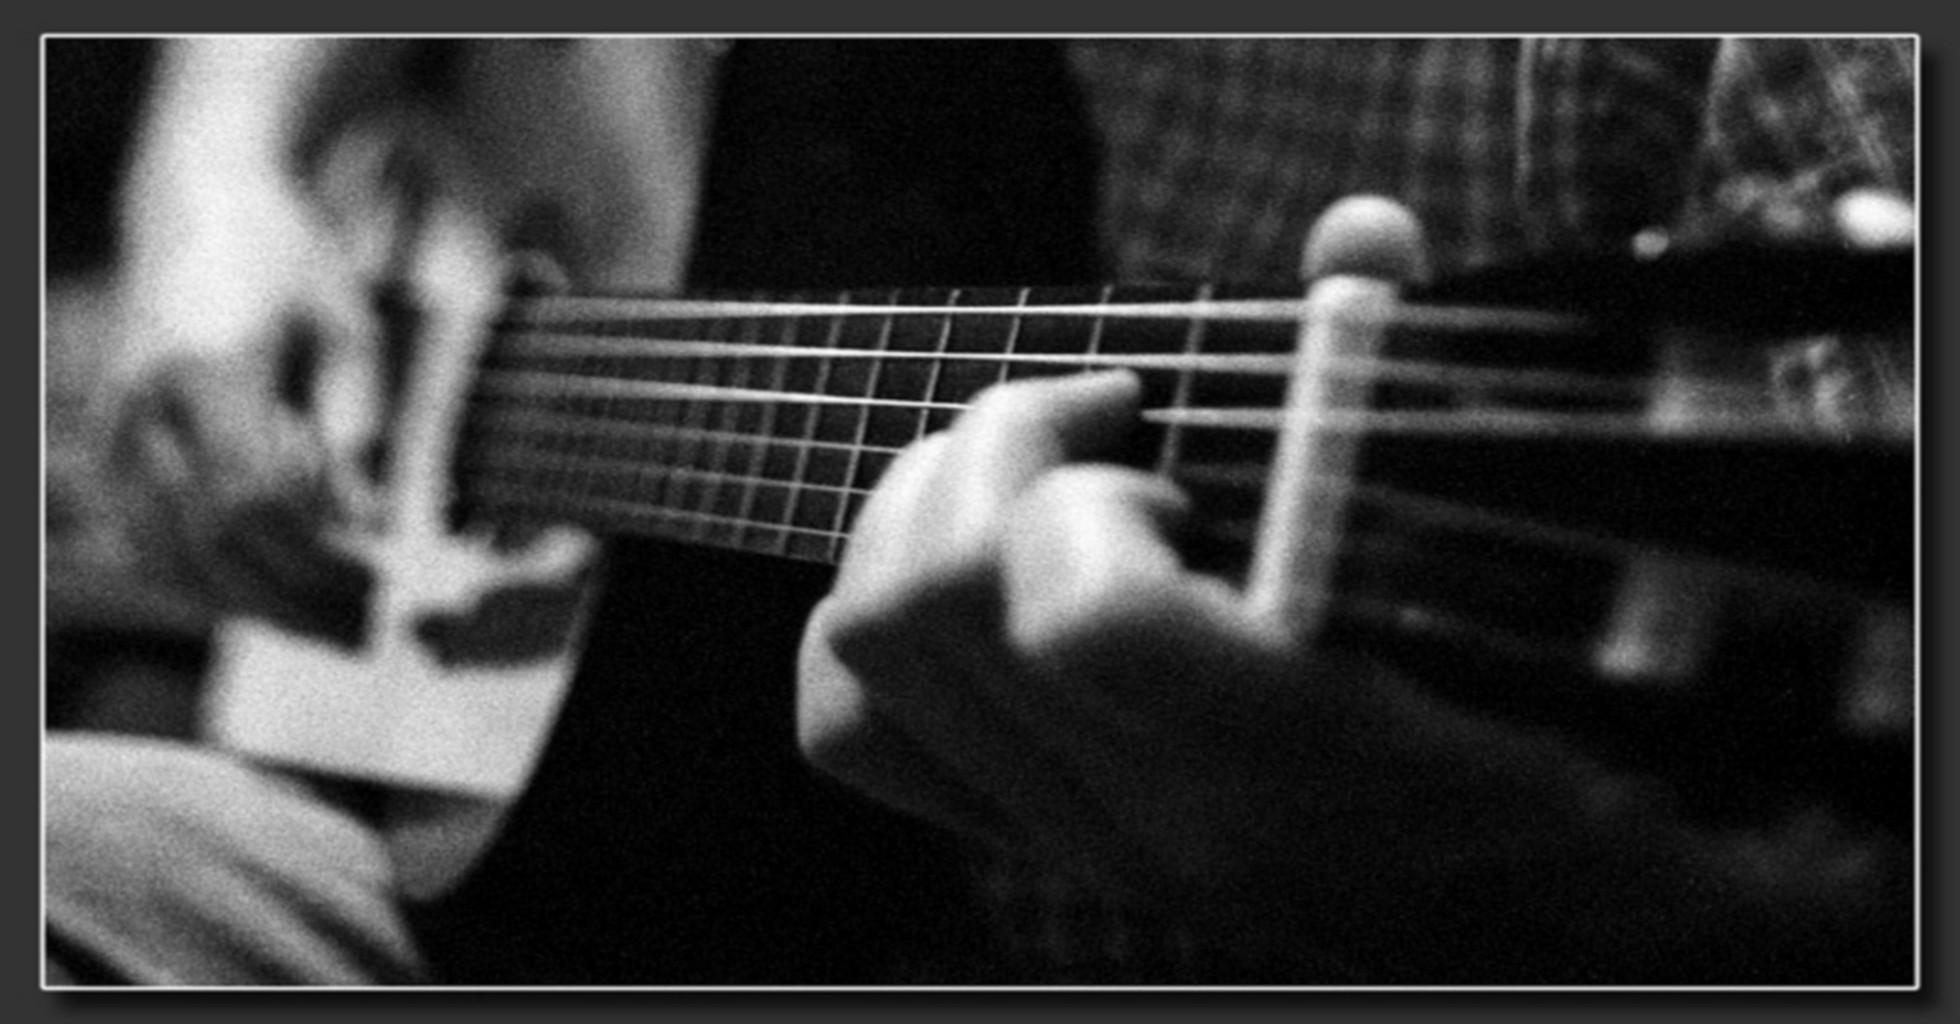 guitare 2